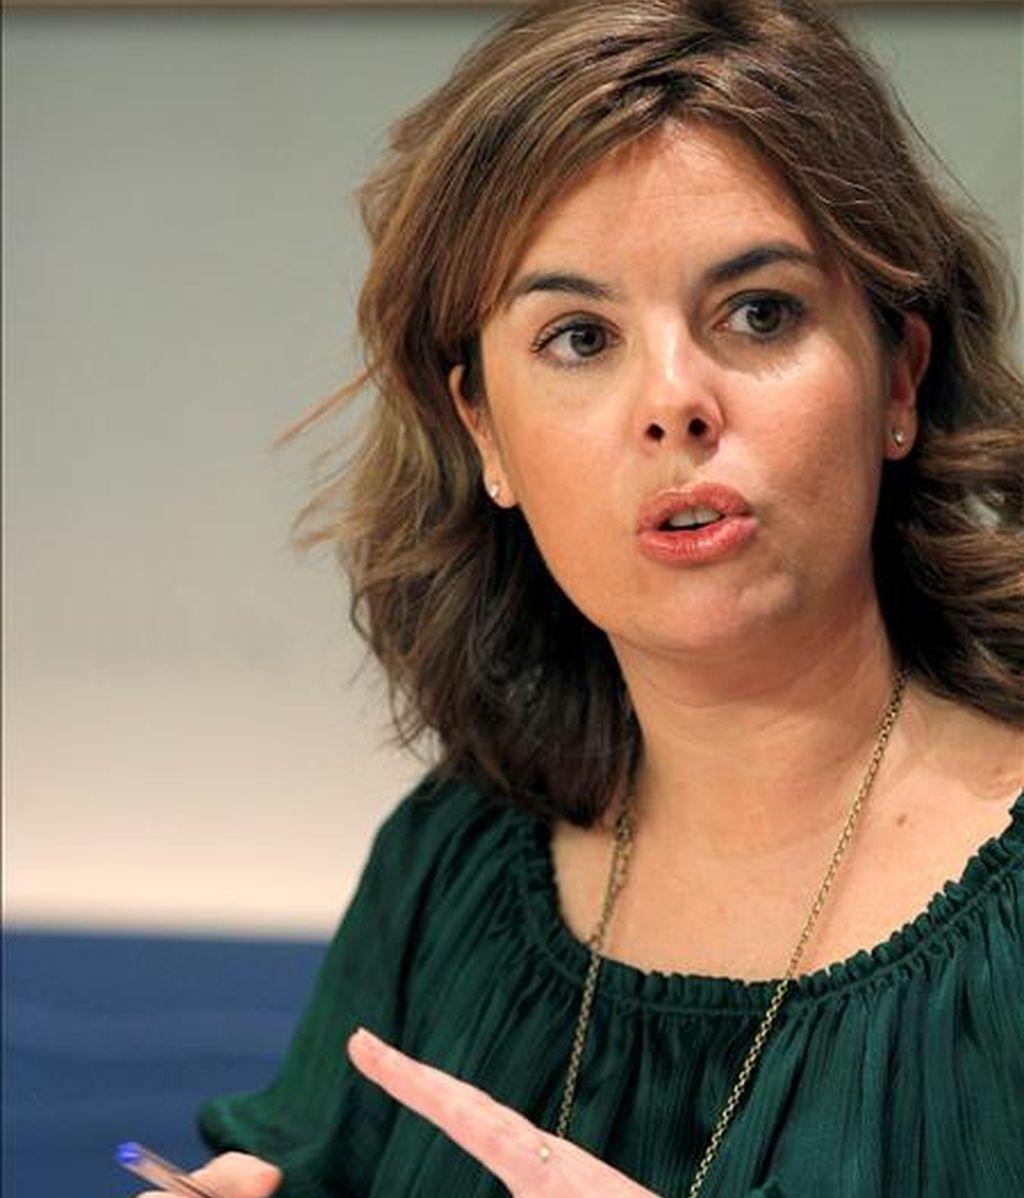 La portavoz del Grupo Parlamentario Popular en el Congreso de los Diputados, Soraya Sáenz de Santamaría.